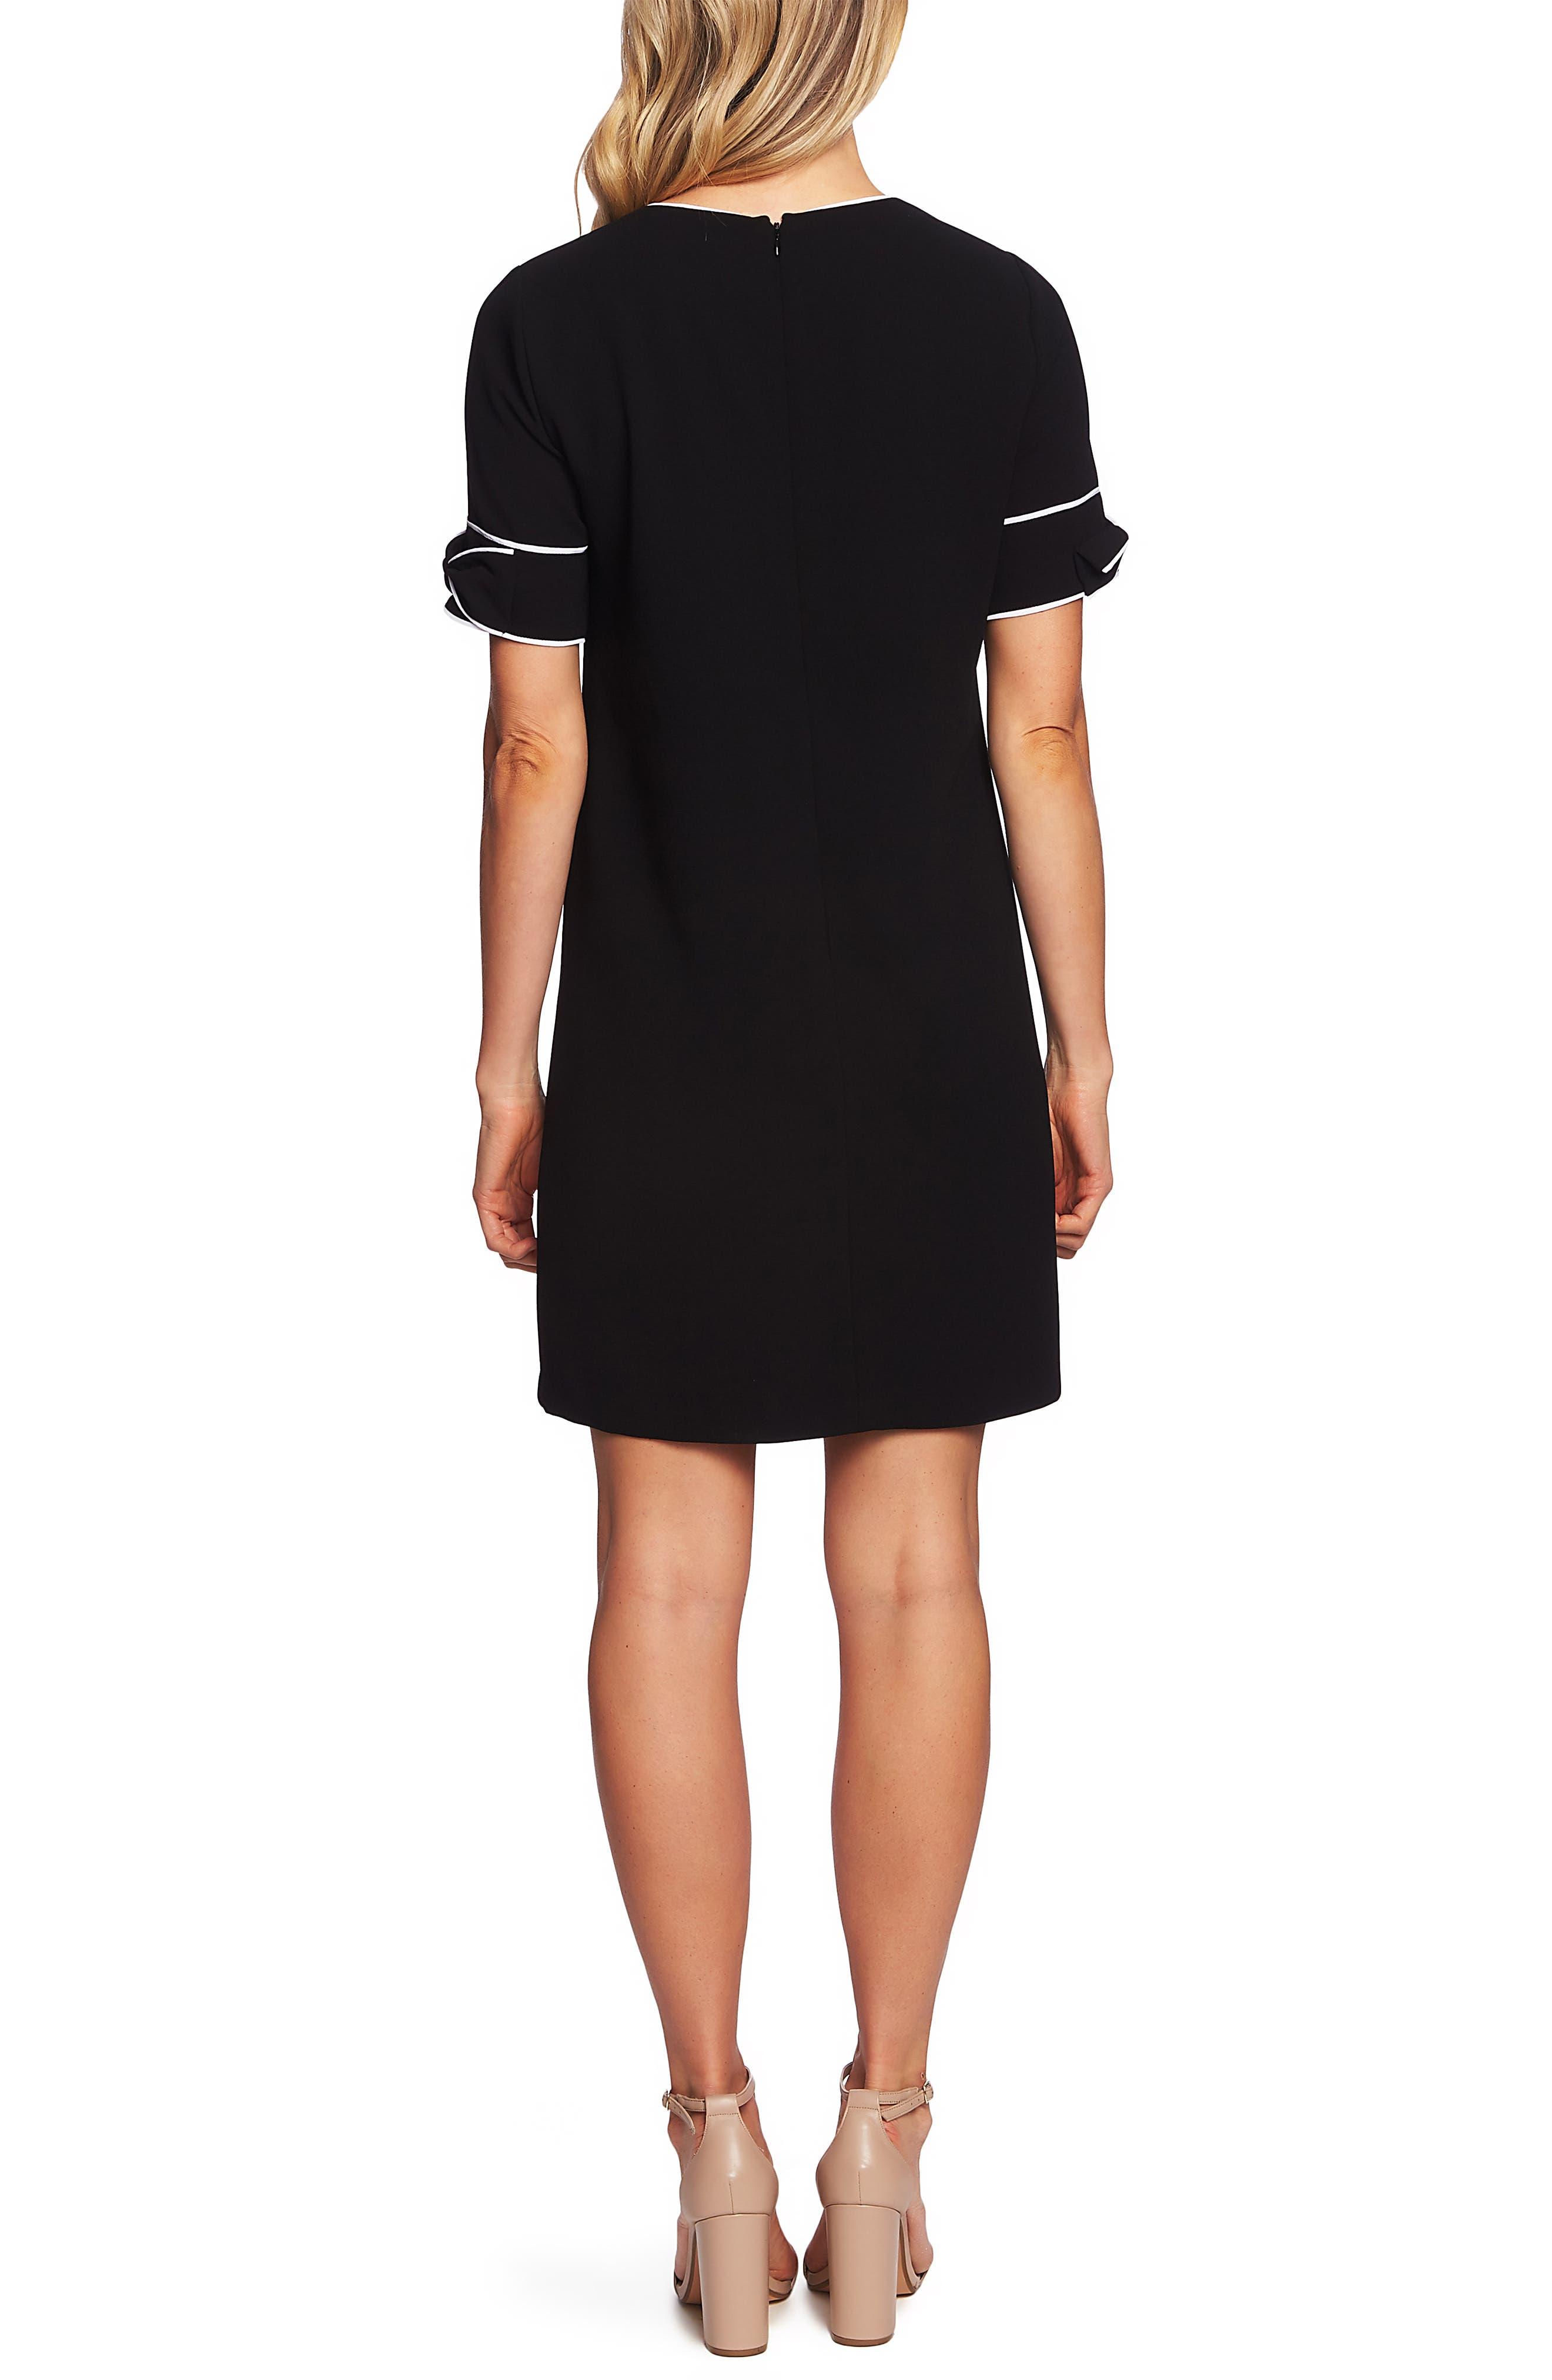 CECE,                             Bow Trim Shift Dress,                             Alternate thumbnail 2, color,                             RICH BLACK